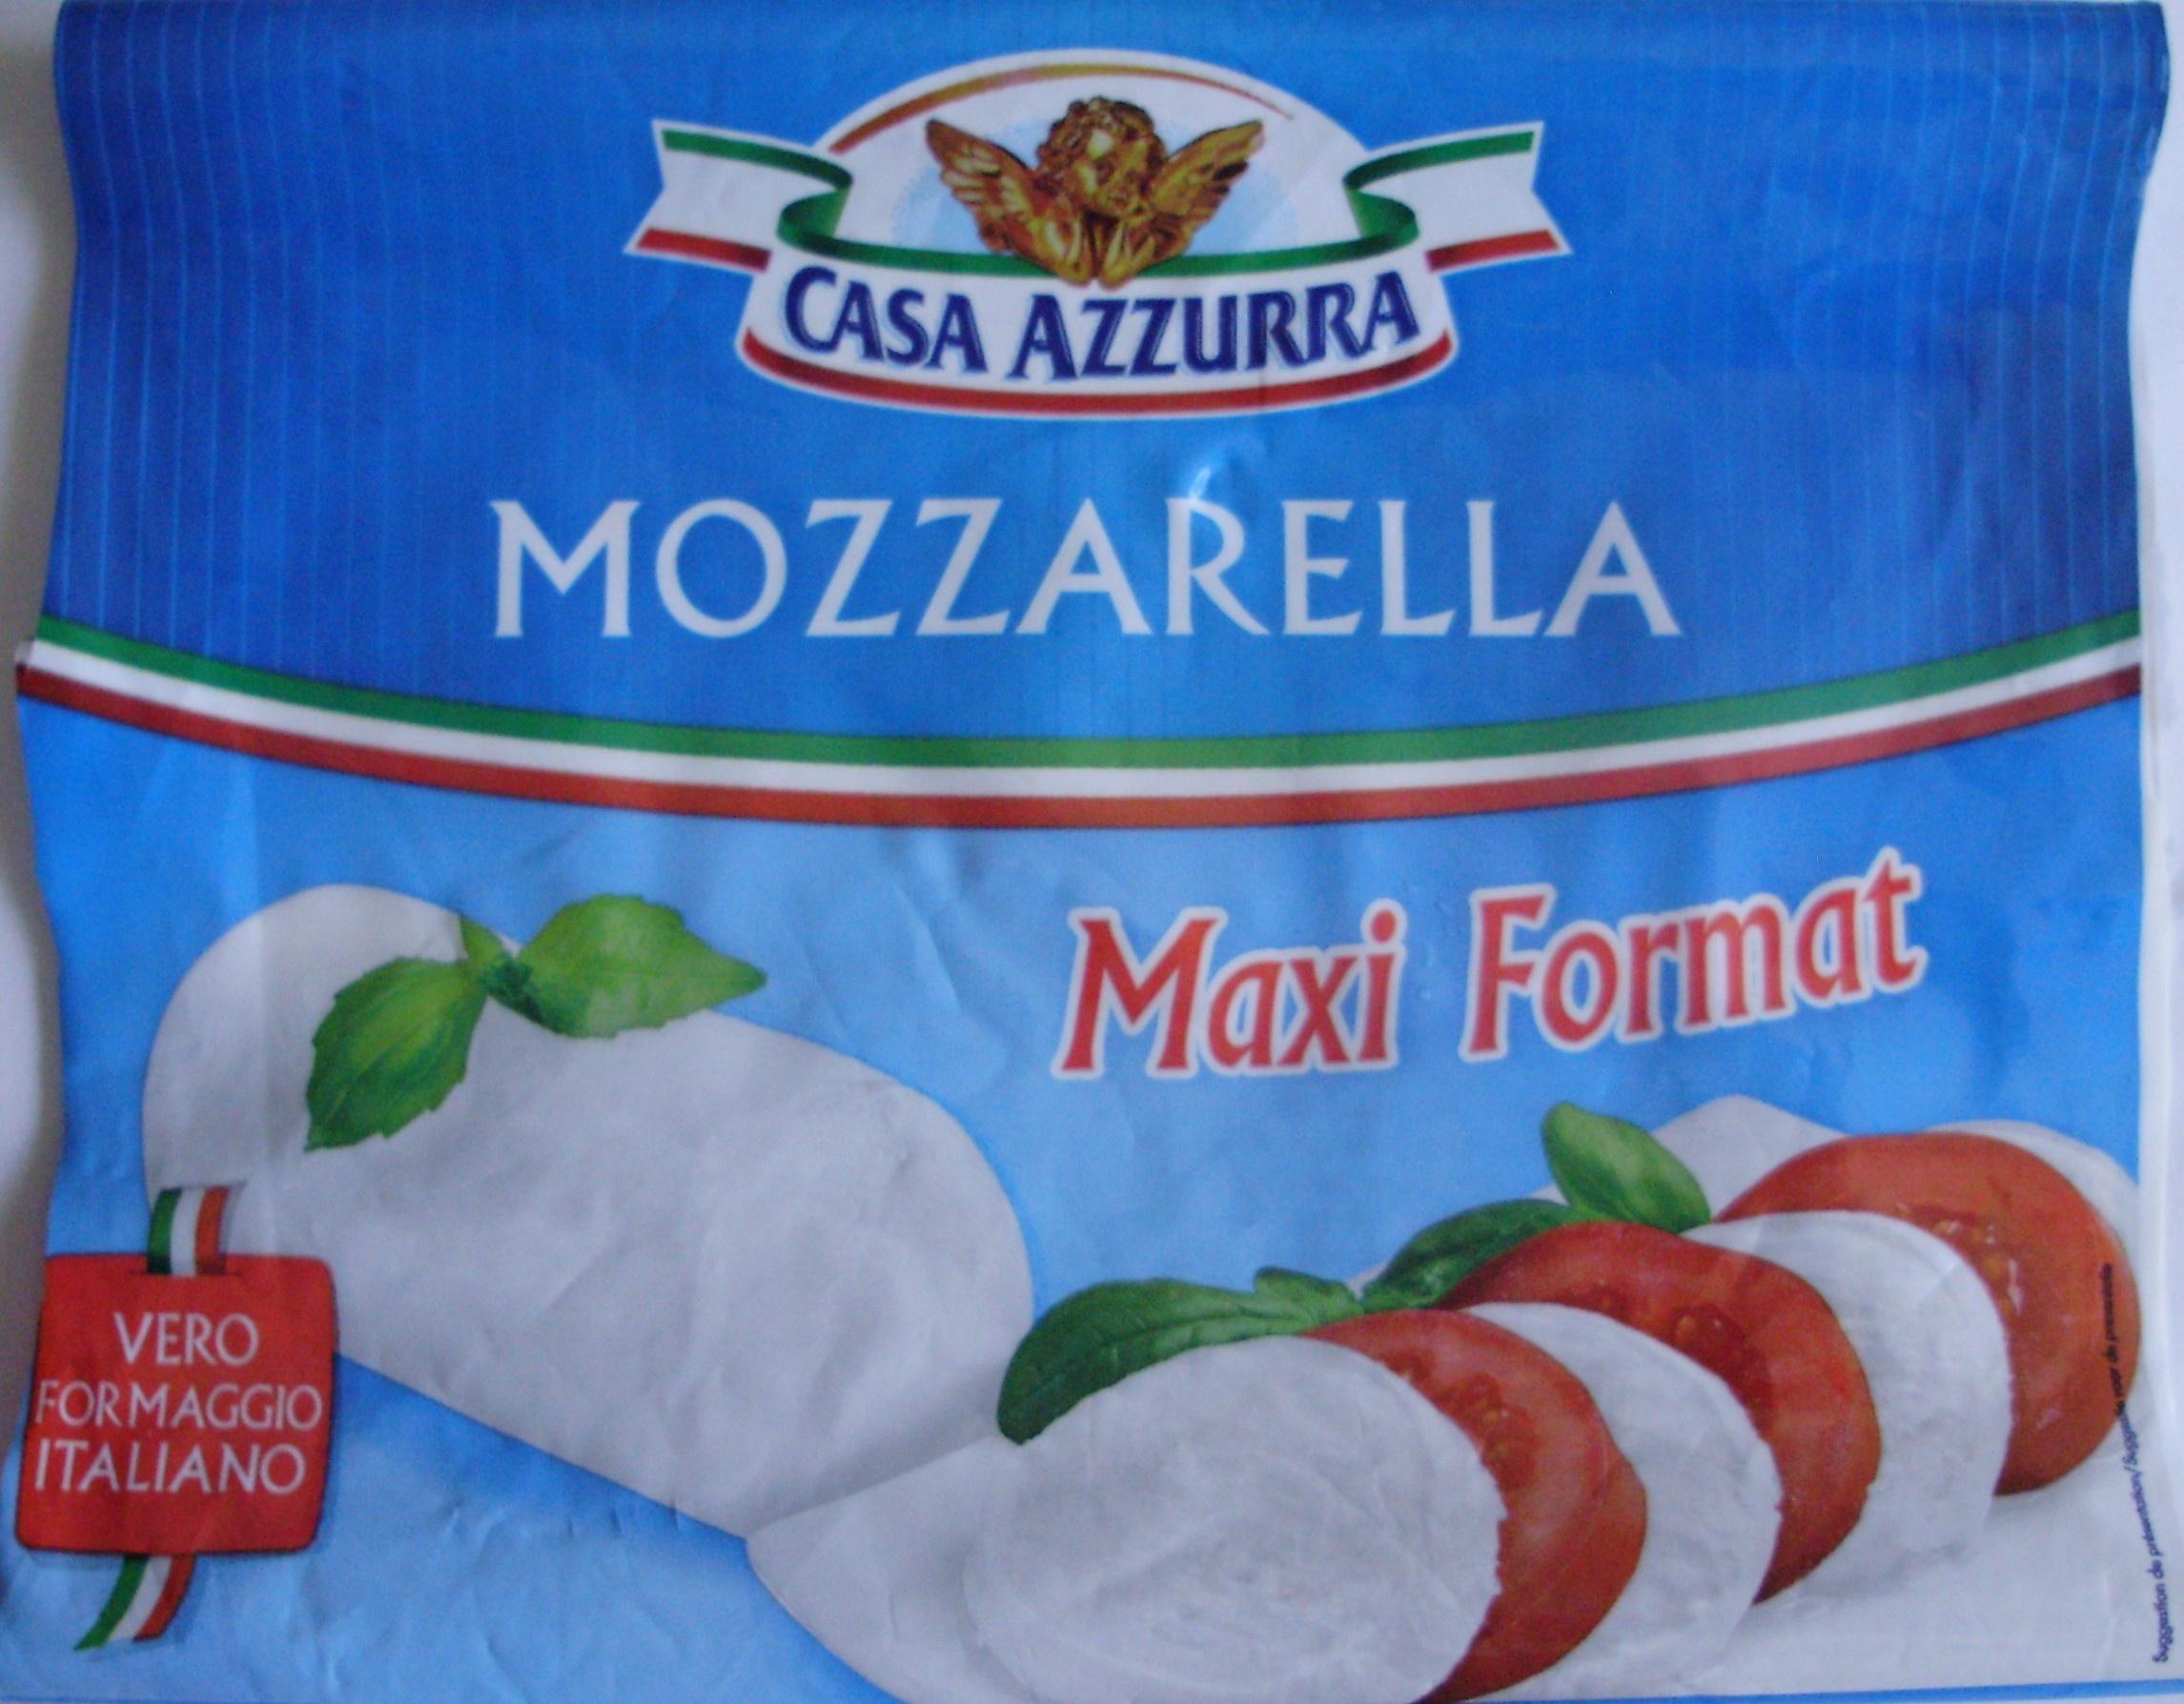 Mozzarella Maxi Format (18 % MG) - Produit - fr